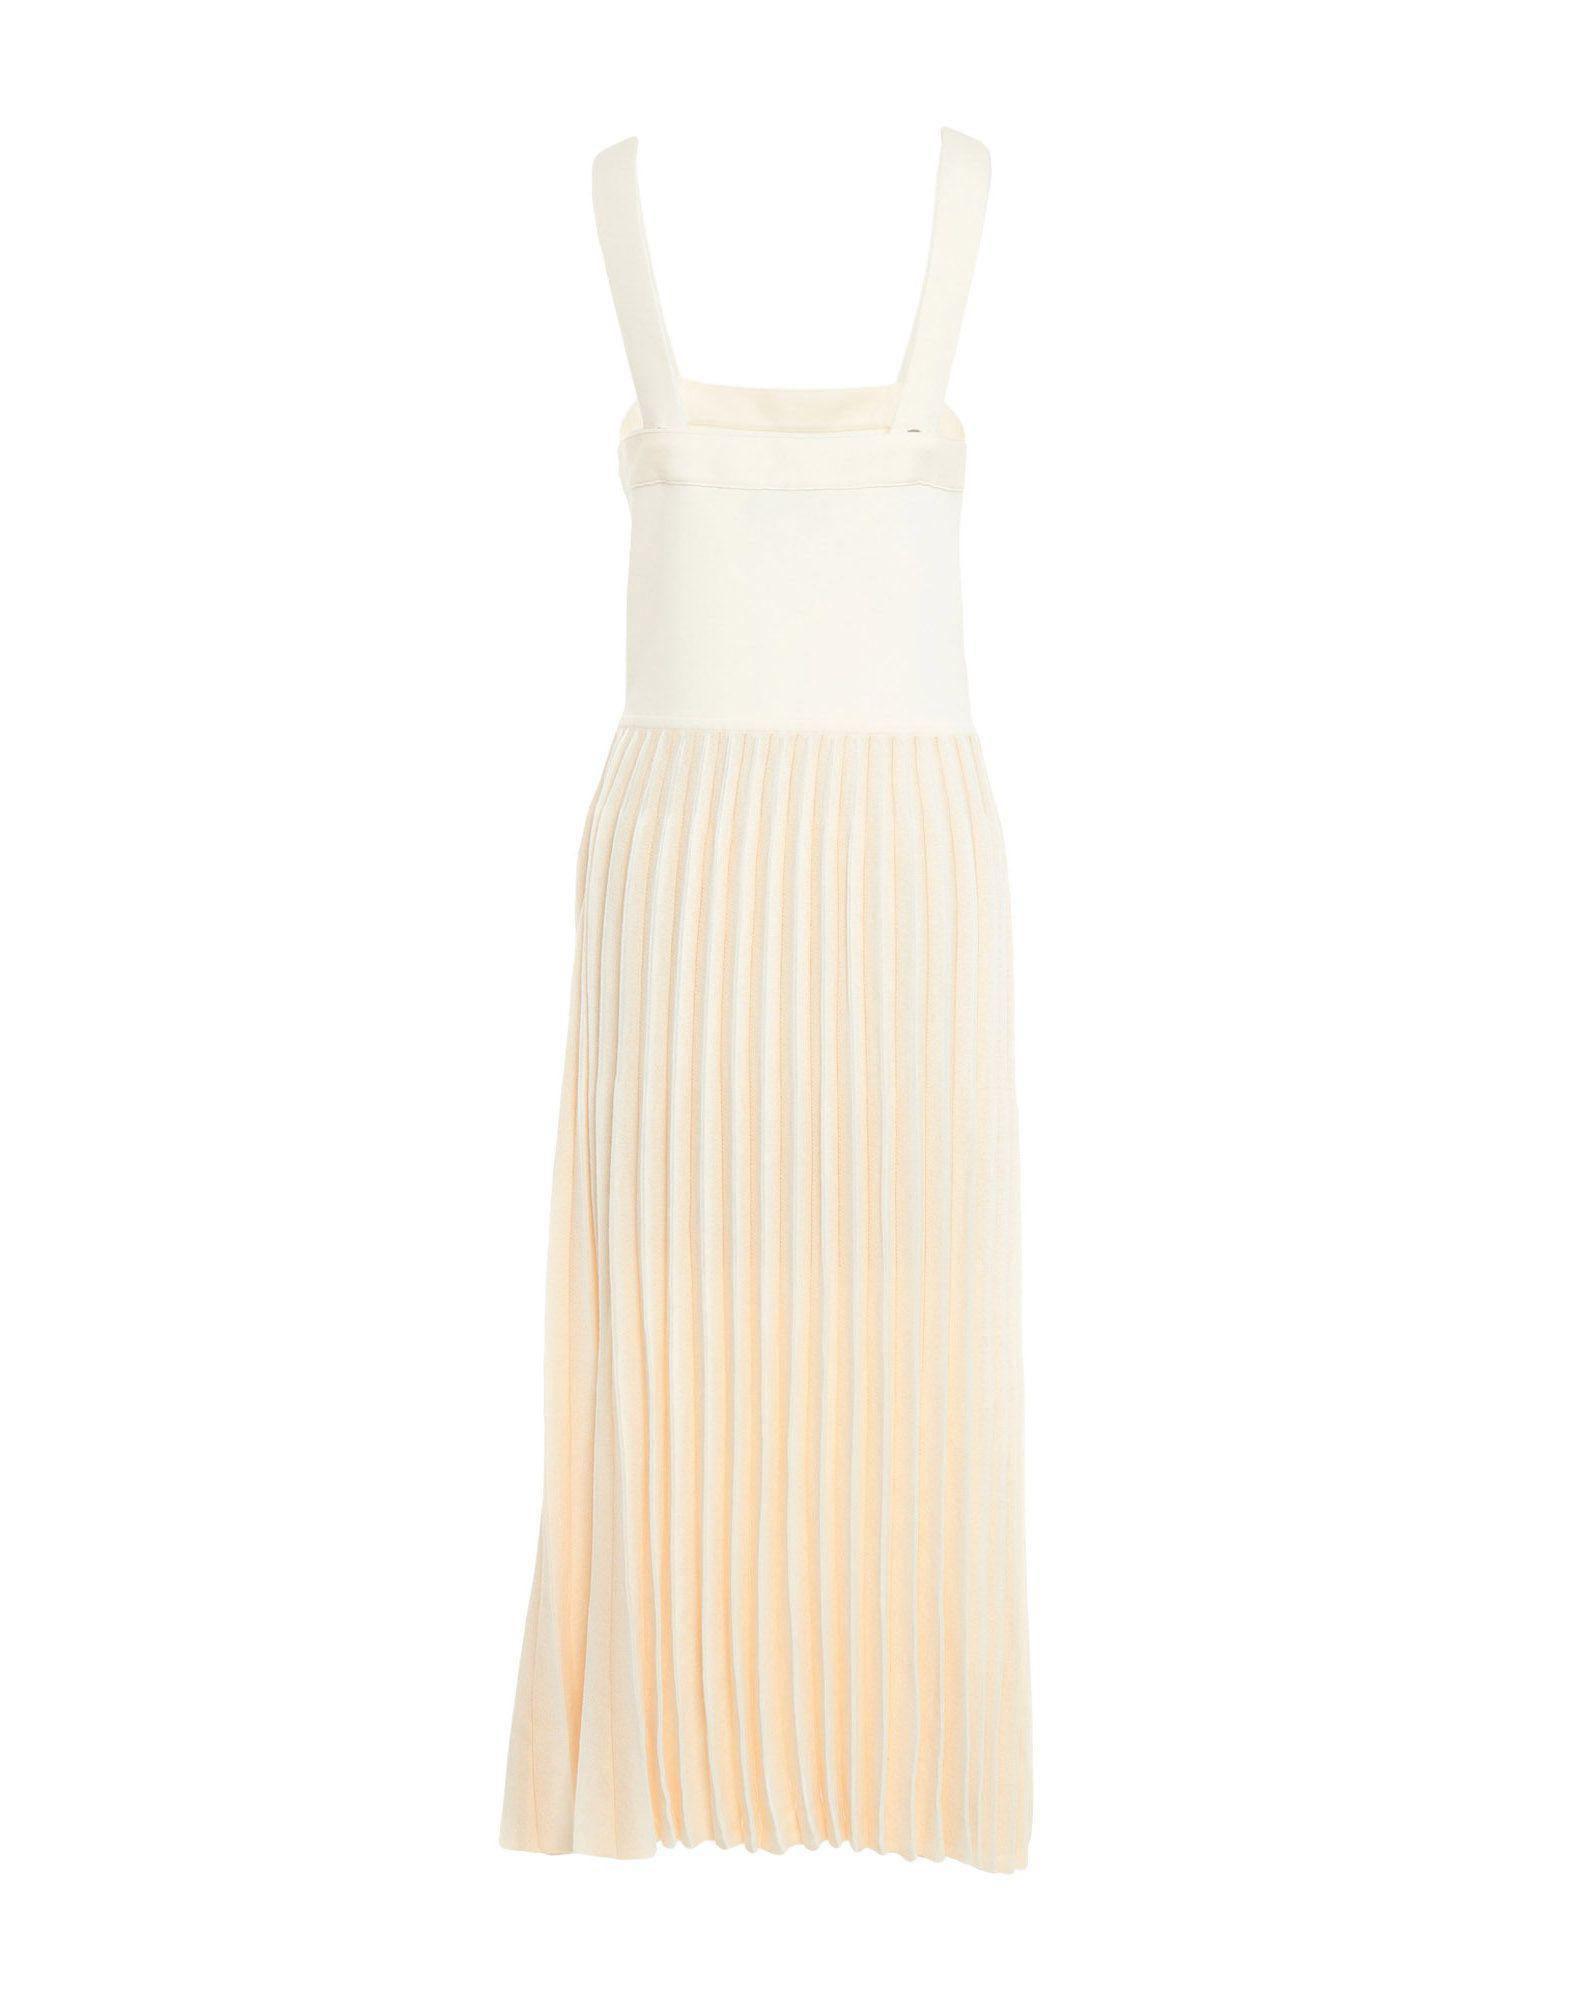 Robe mi-longue Synthétique 10 Crosby Derek Lam en coloris Blanc